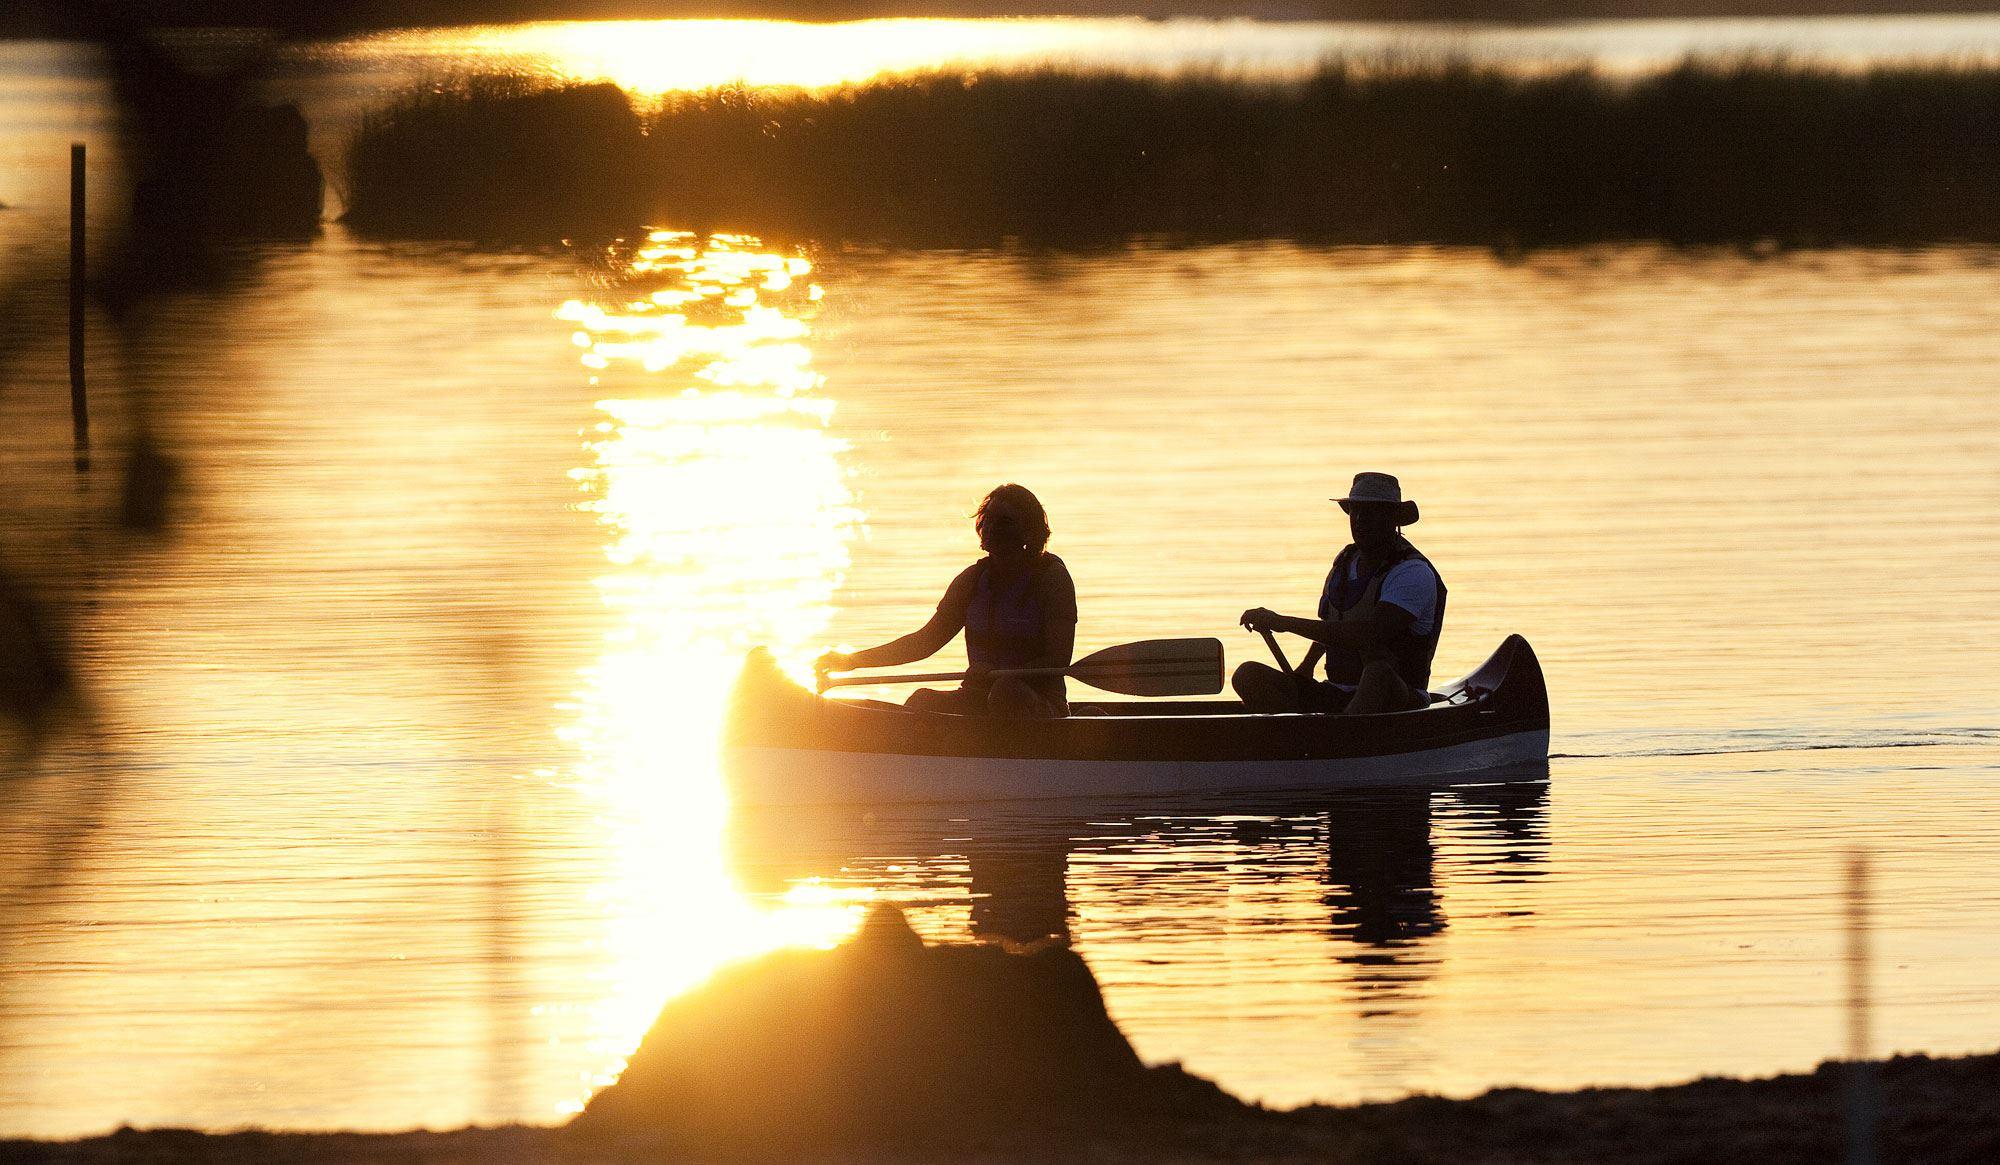 Canoes - Alljungens canoe rental